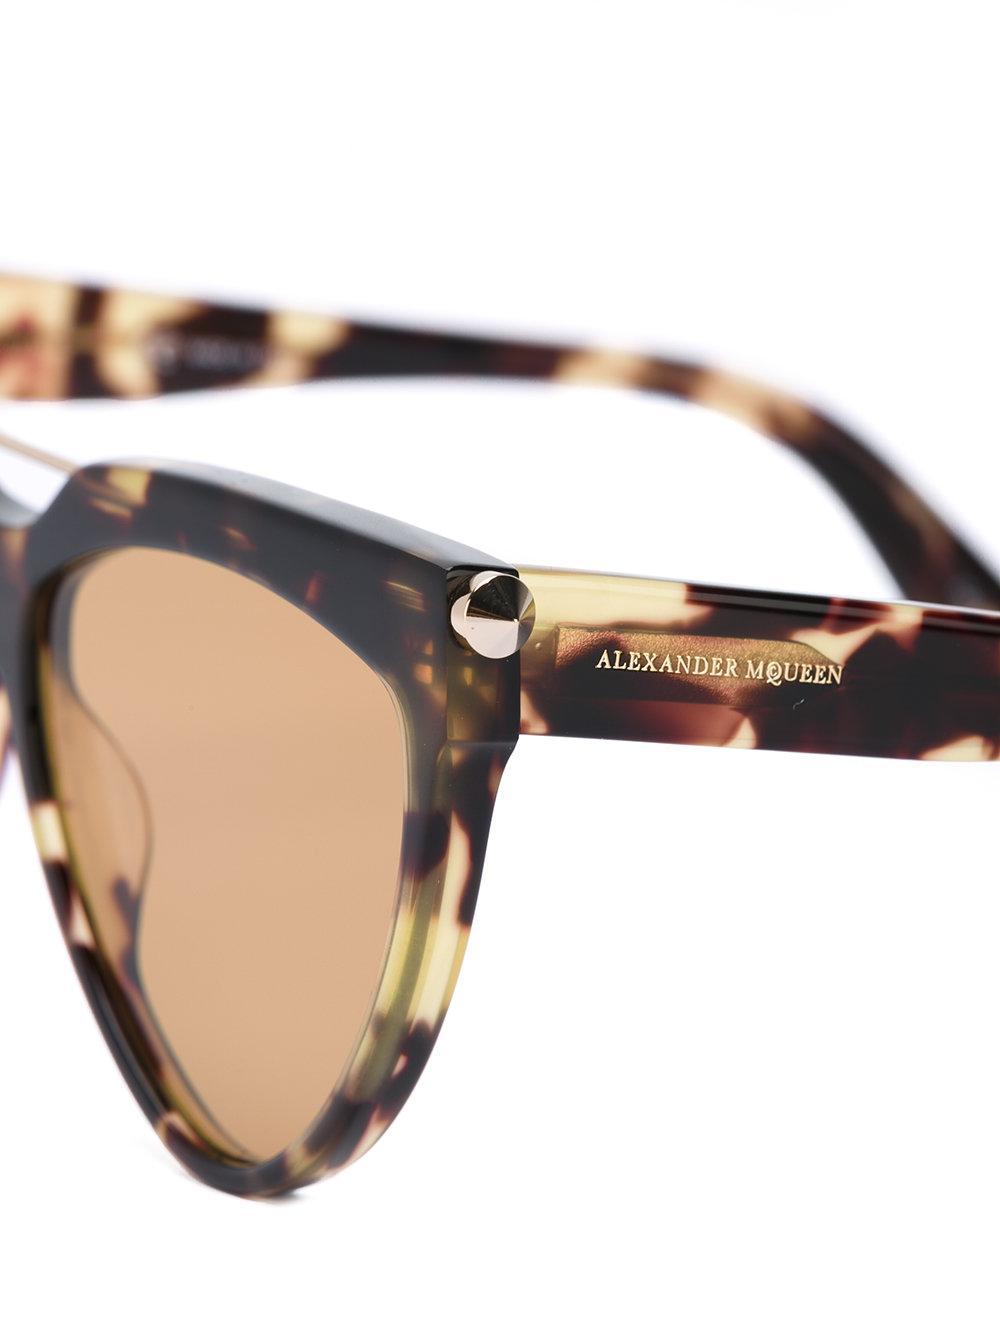 Alexander McQueen Teardrop Aviator Sunglasses in Brown